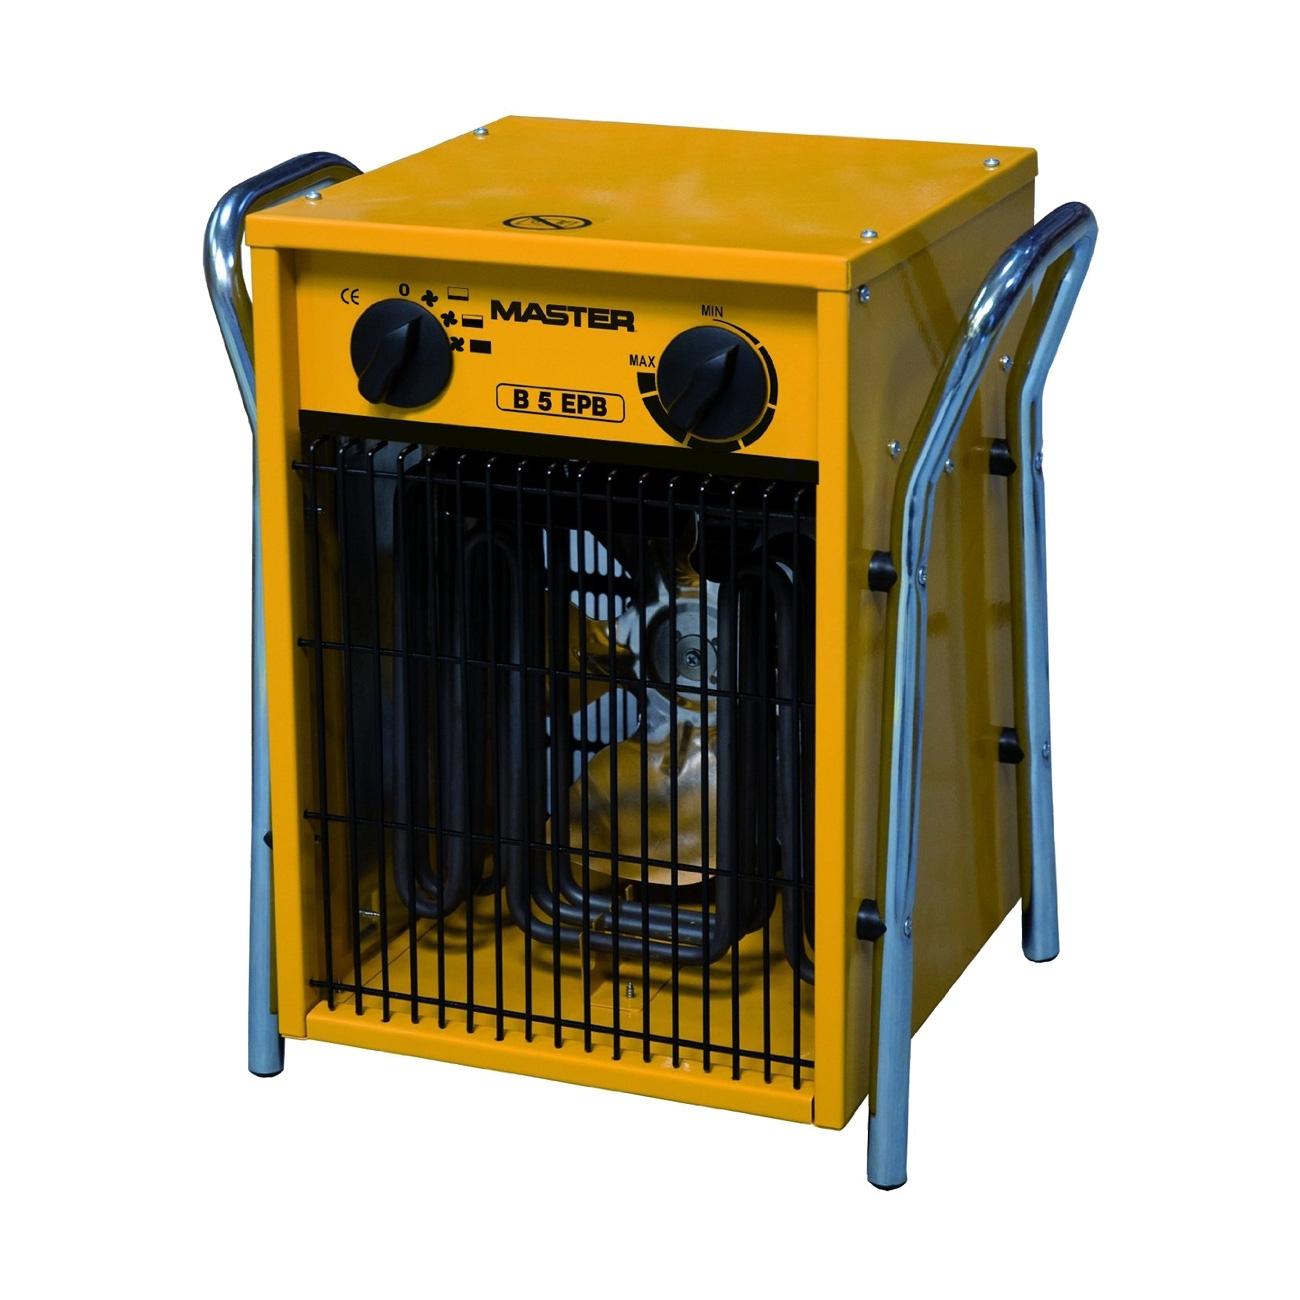 Generador de aire caliente con ventilador Master B5 EPB trifásico